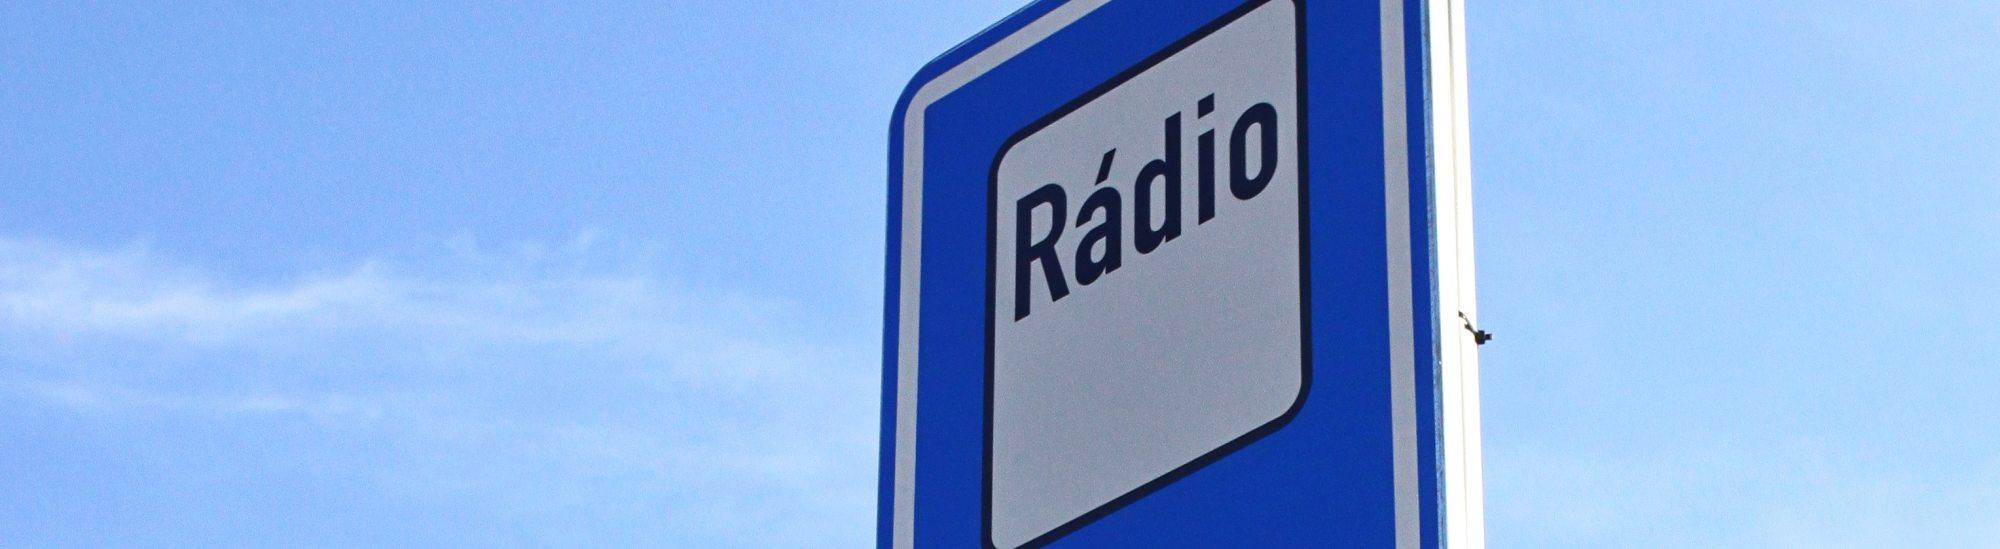 Rádio v tunelu